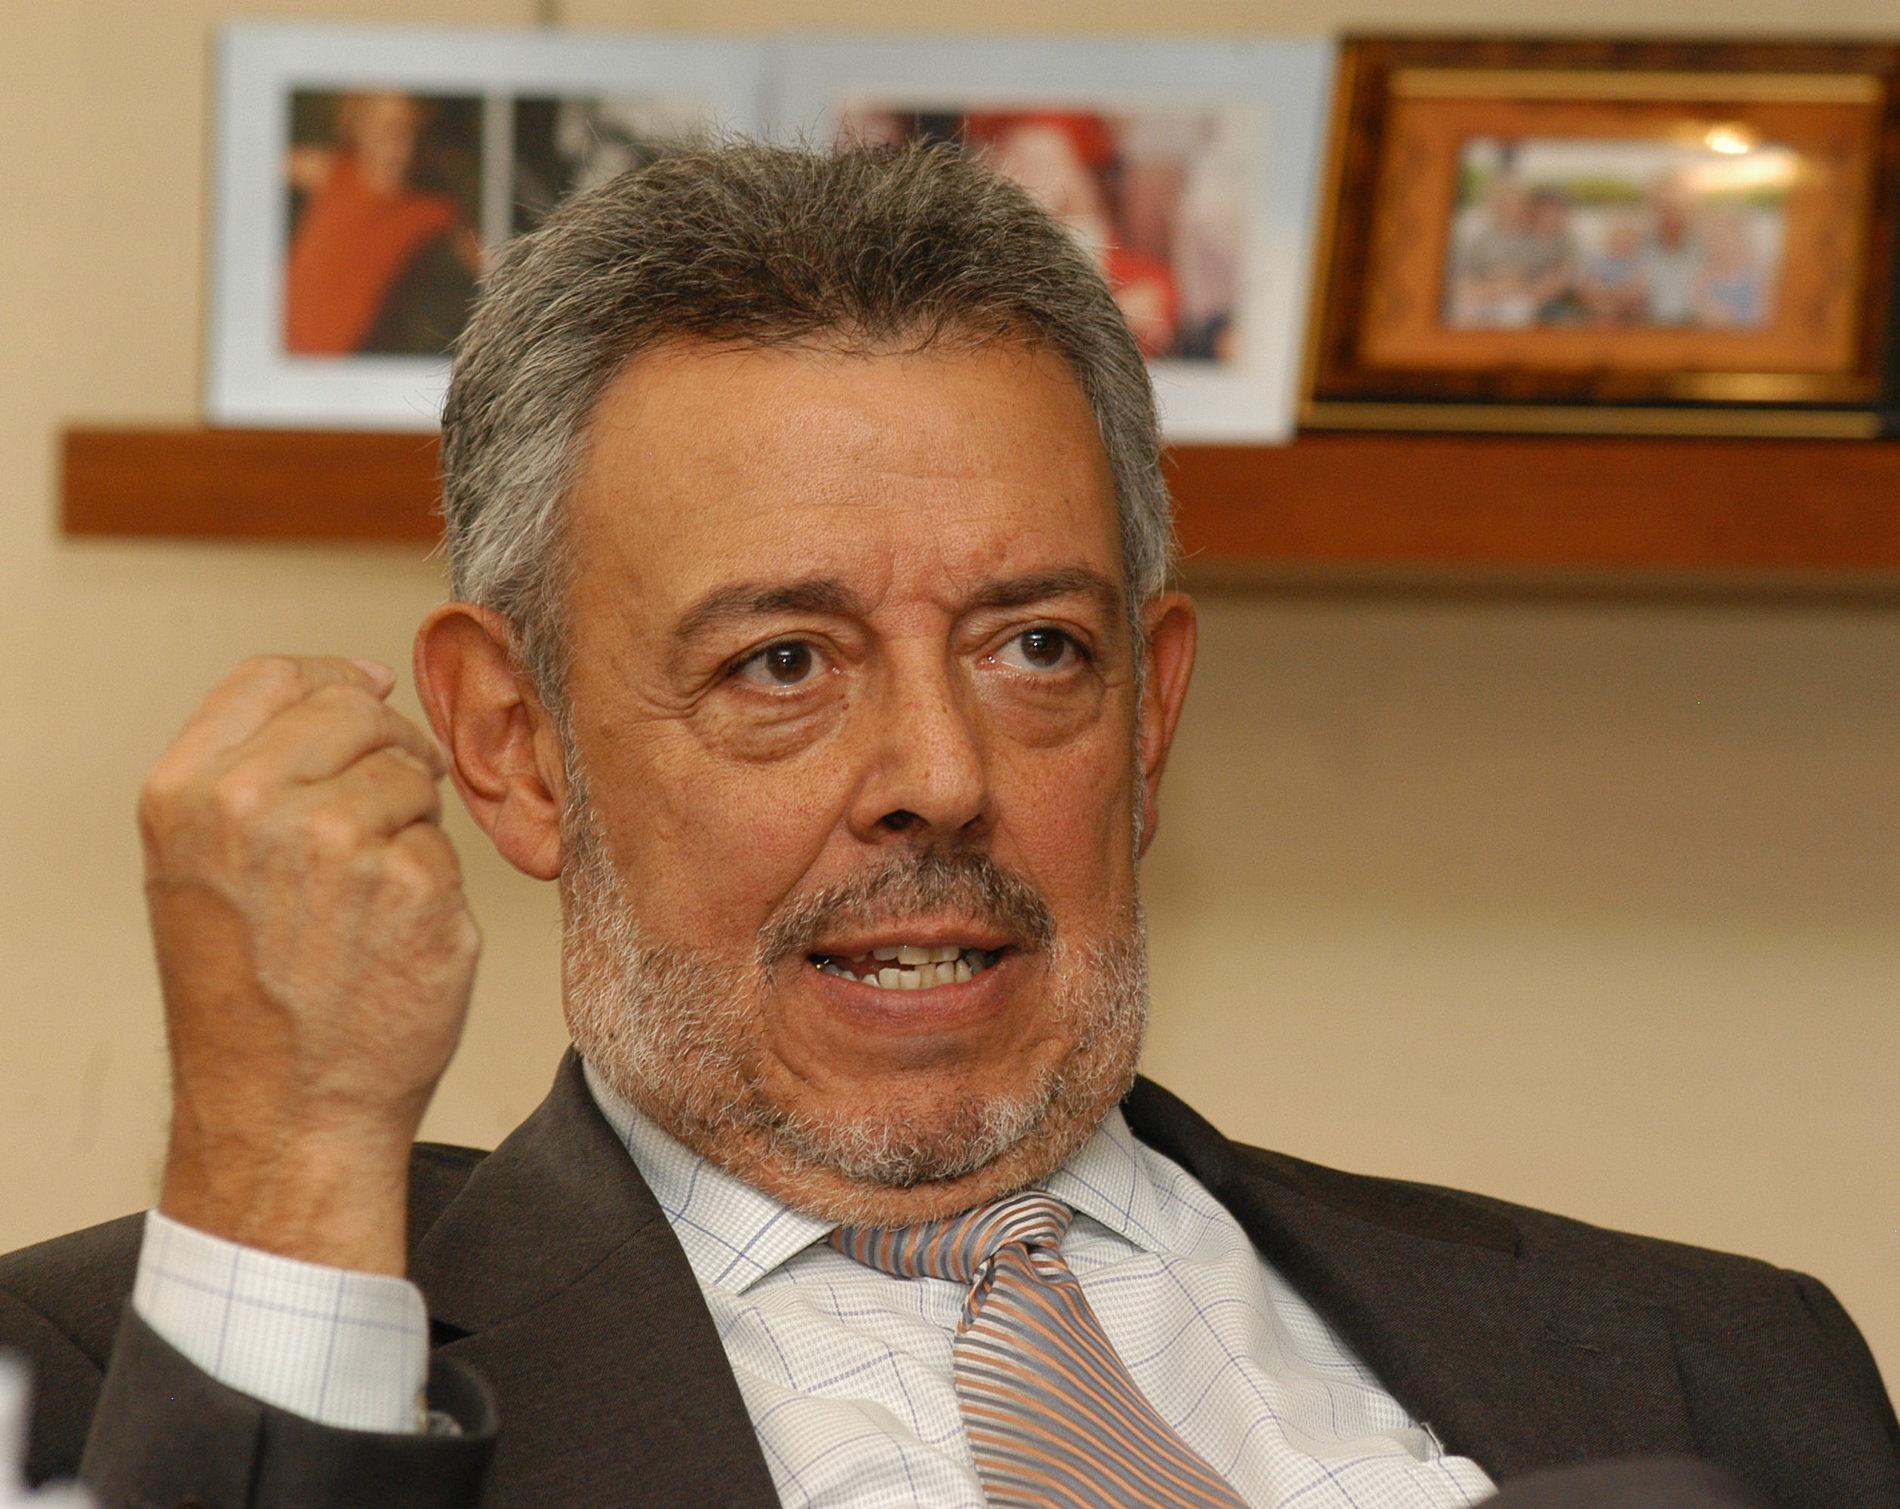 LUIS FERNANDO SANTOS CALDERÓN